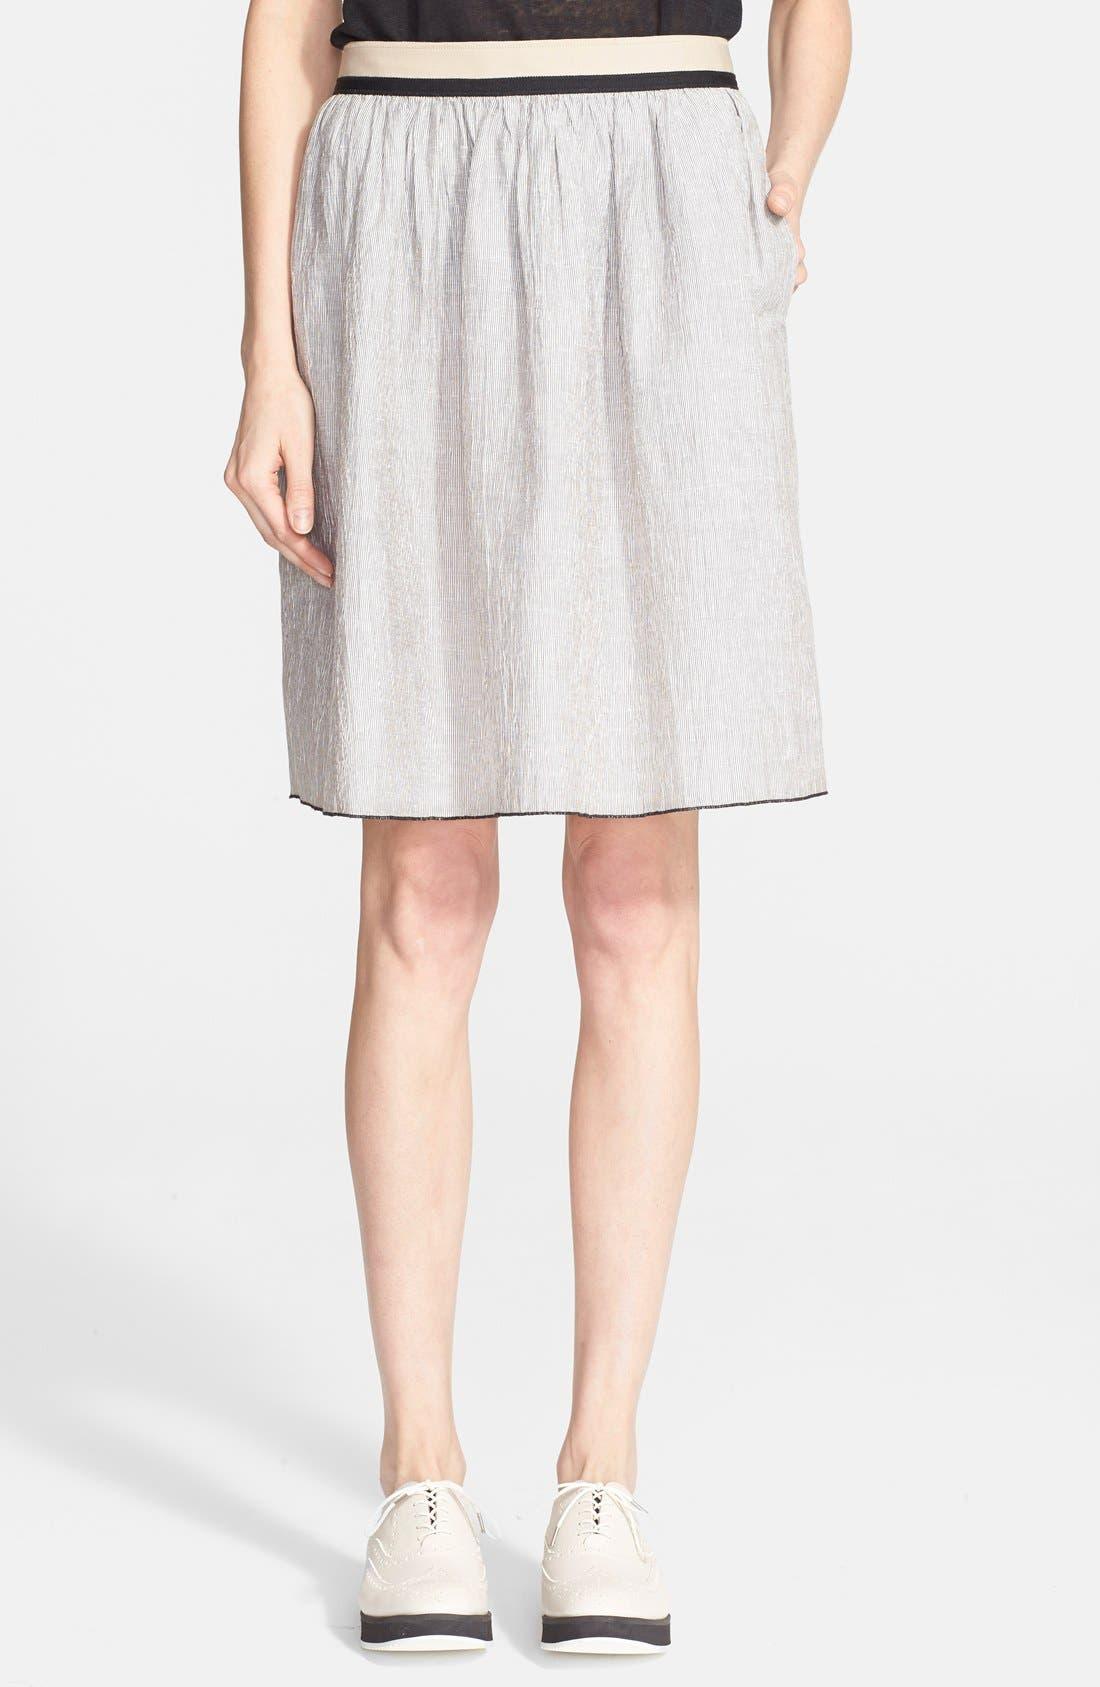 Alternate Image 1 Selected - rag & bone 'Svea' Linen Blend Full Skirt